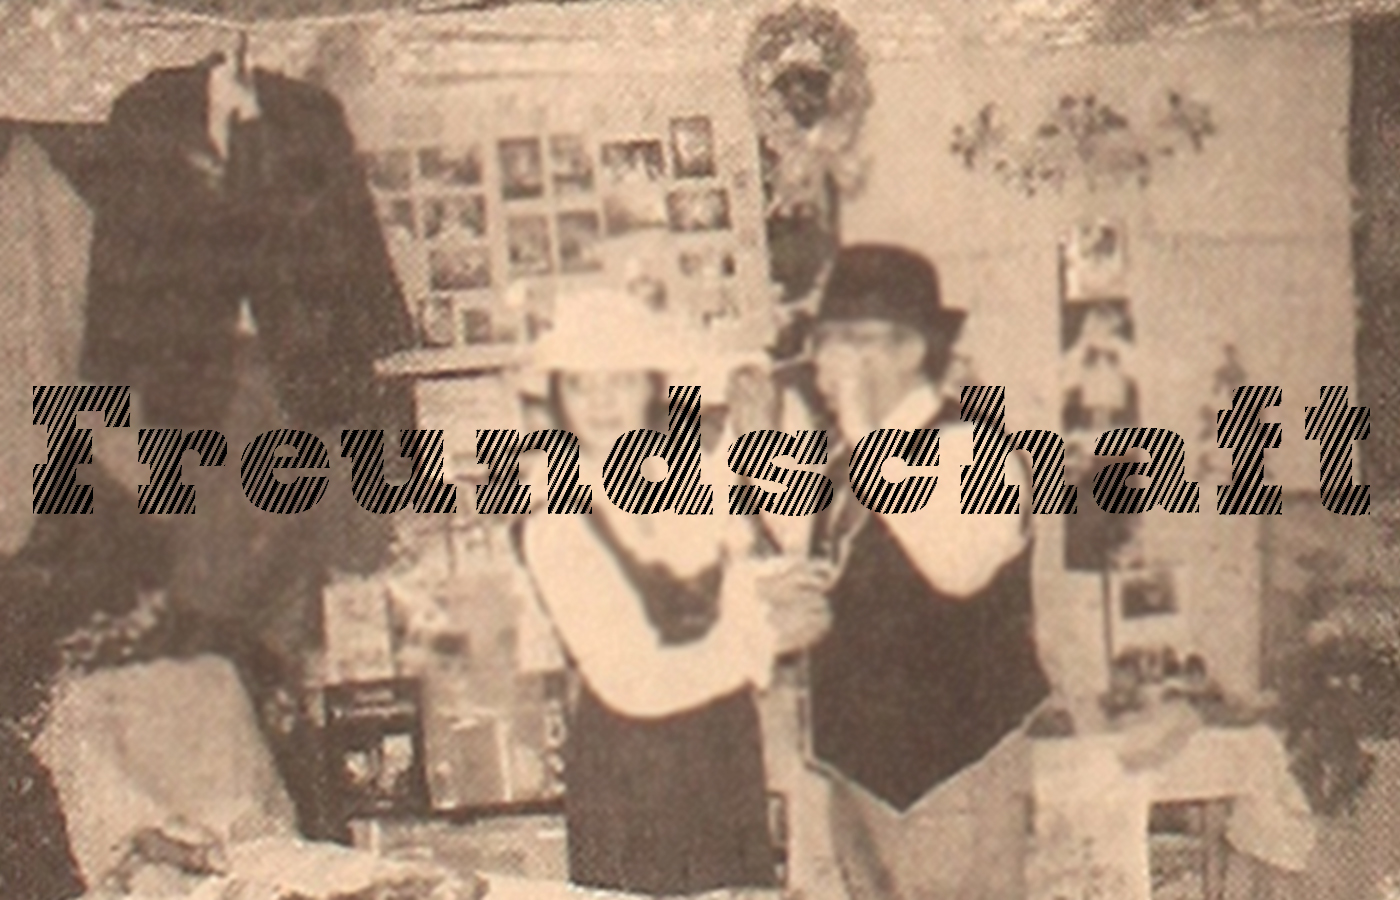 По страницам «Freundschaft». — № 23 от 28 июня 1997 г.